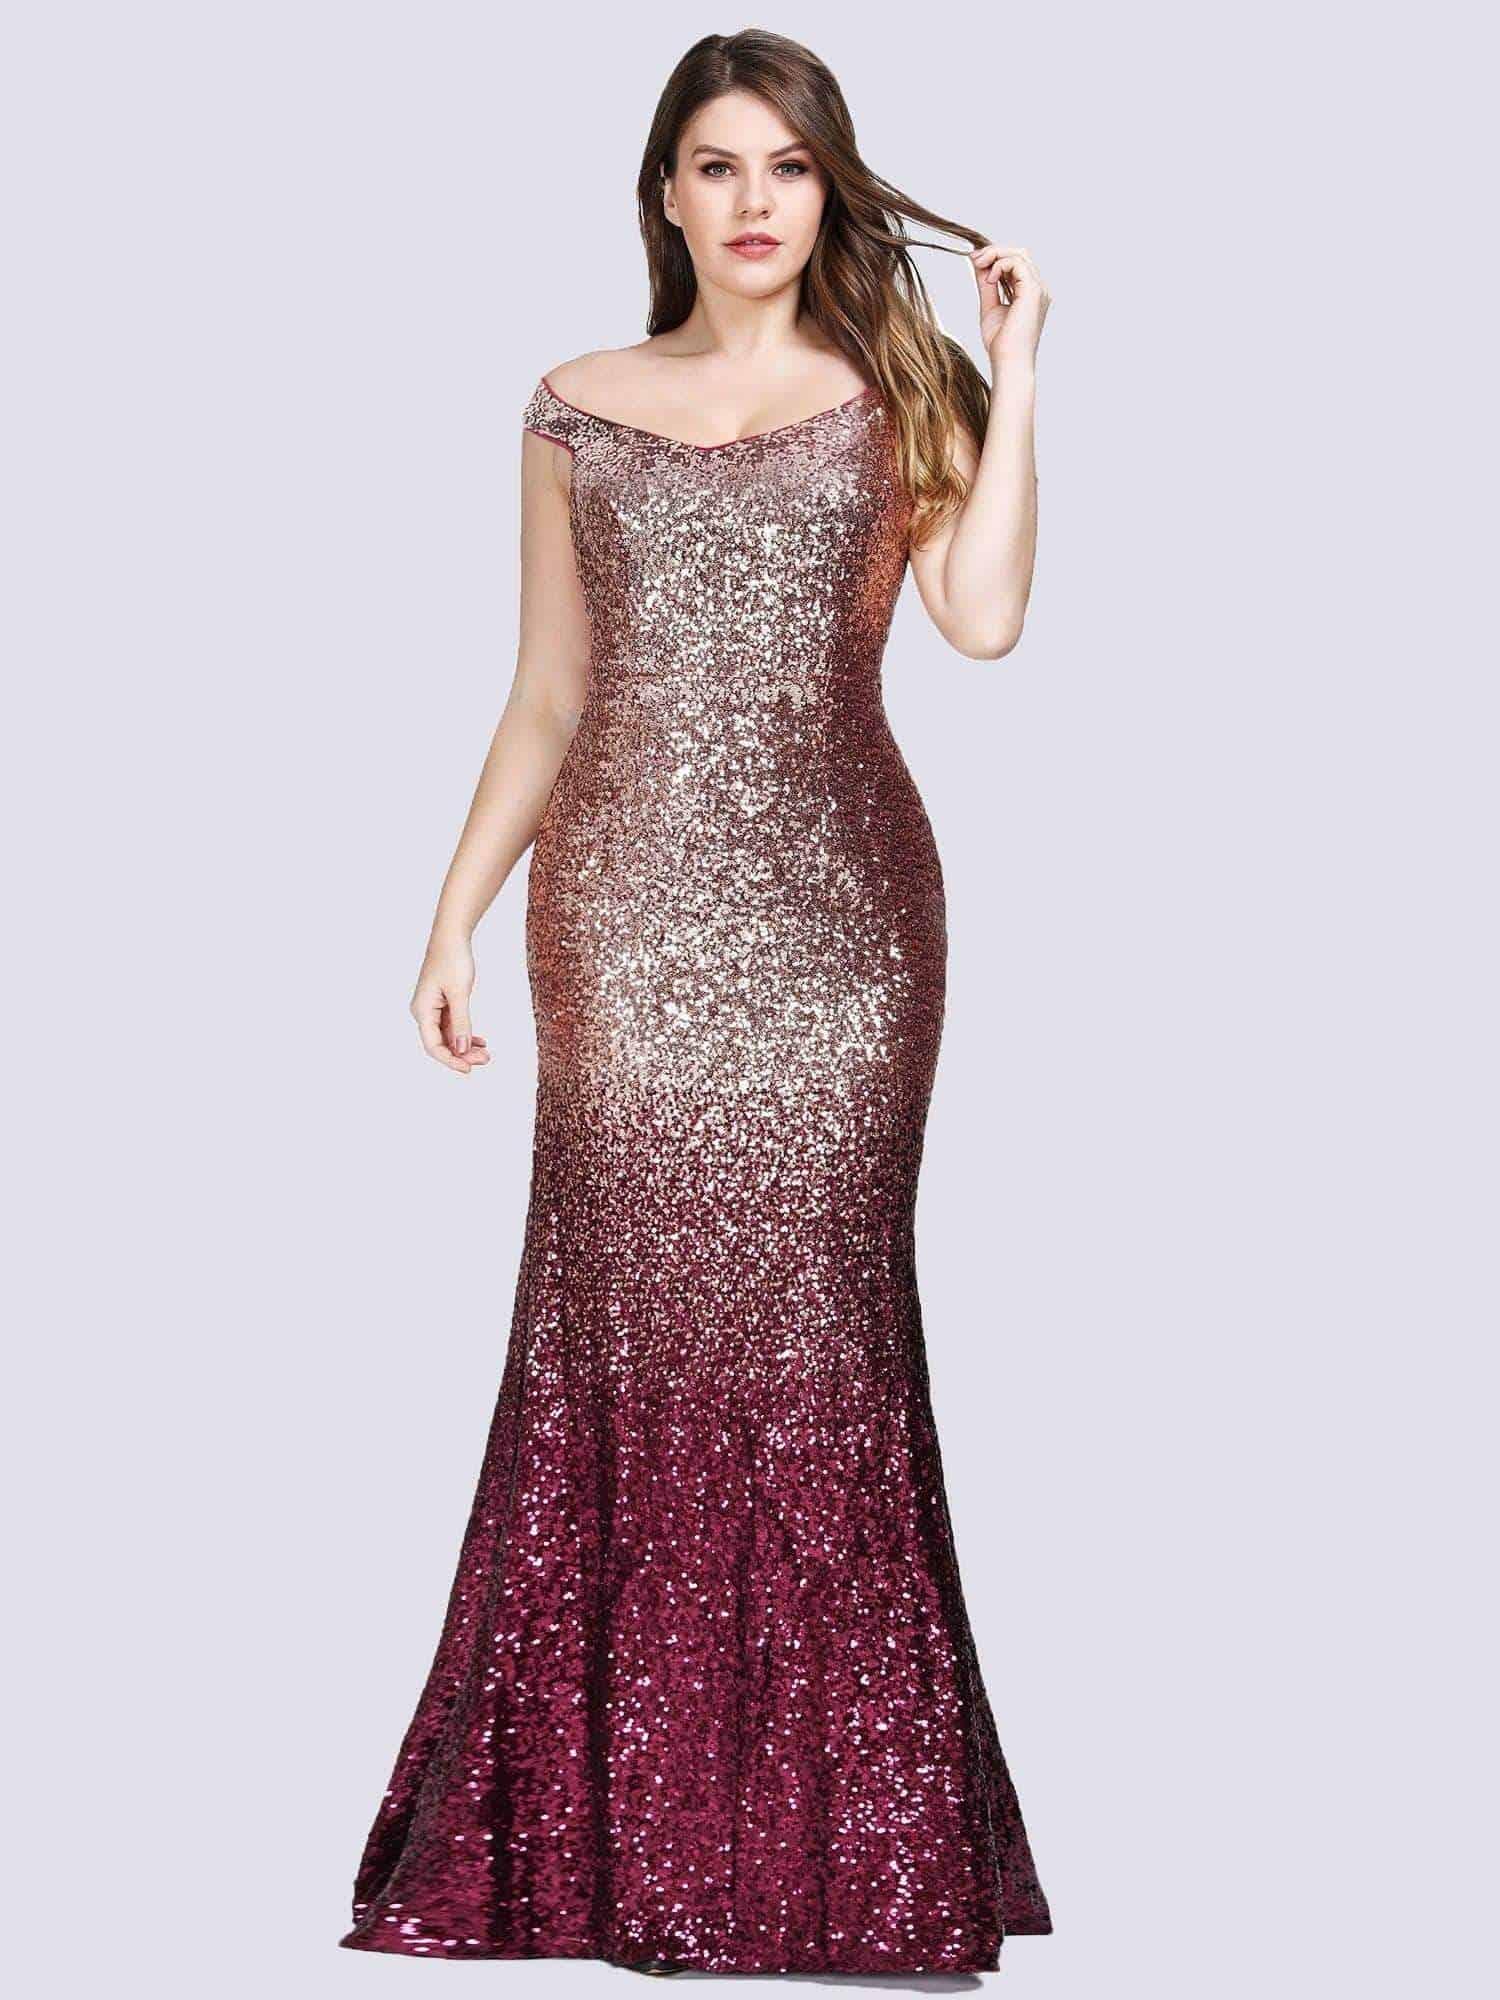 ملابس بنات عرض ازياء فستان سهرة صور فساتين سهره صور ملابس 2020 69